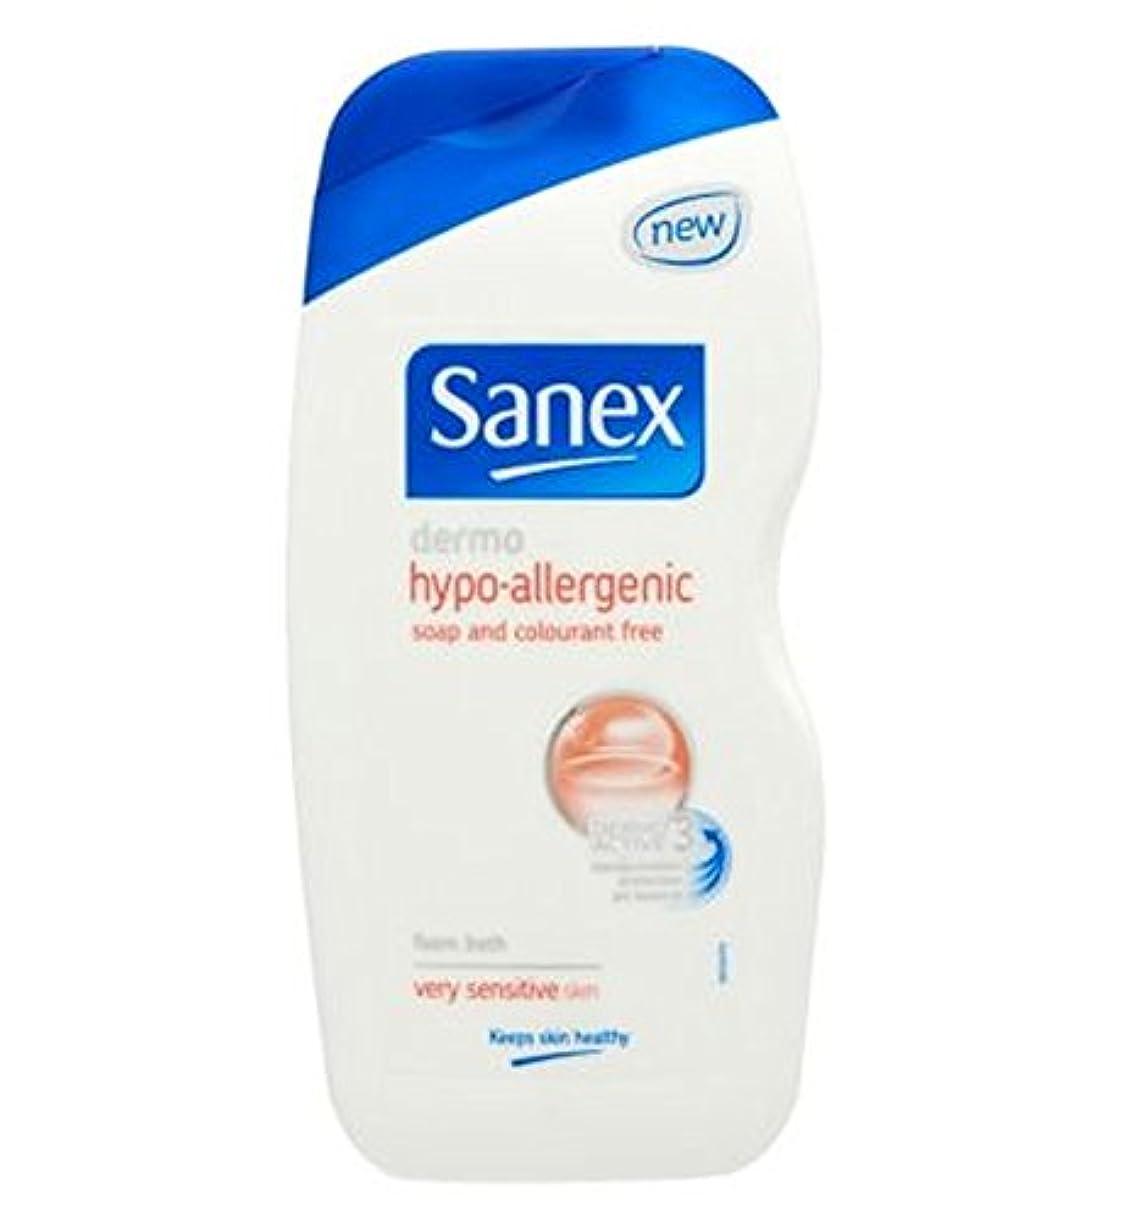 毎年フライカイト失敗Sanex真皮ハイポアレルギーの非常に敏感肌の泡風呂500ミリリットル (Sanex) (x2) - Sanex Dermo Hypo Allergenic Very Sensitive Skin Foam Bath 500ml (Pack of 2) [並行輸入品]